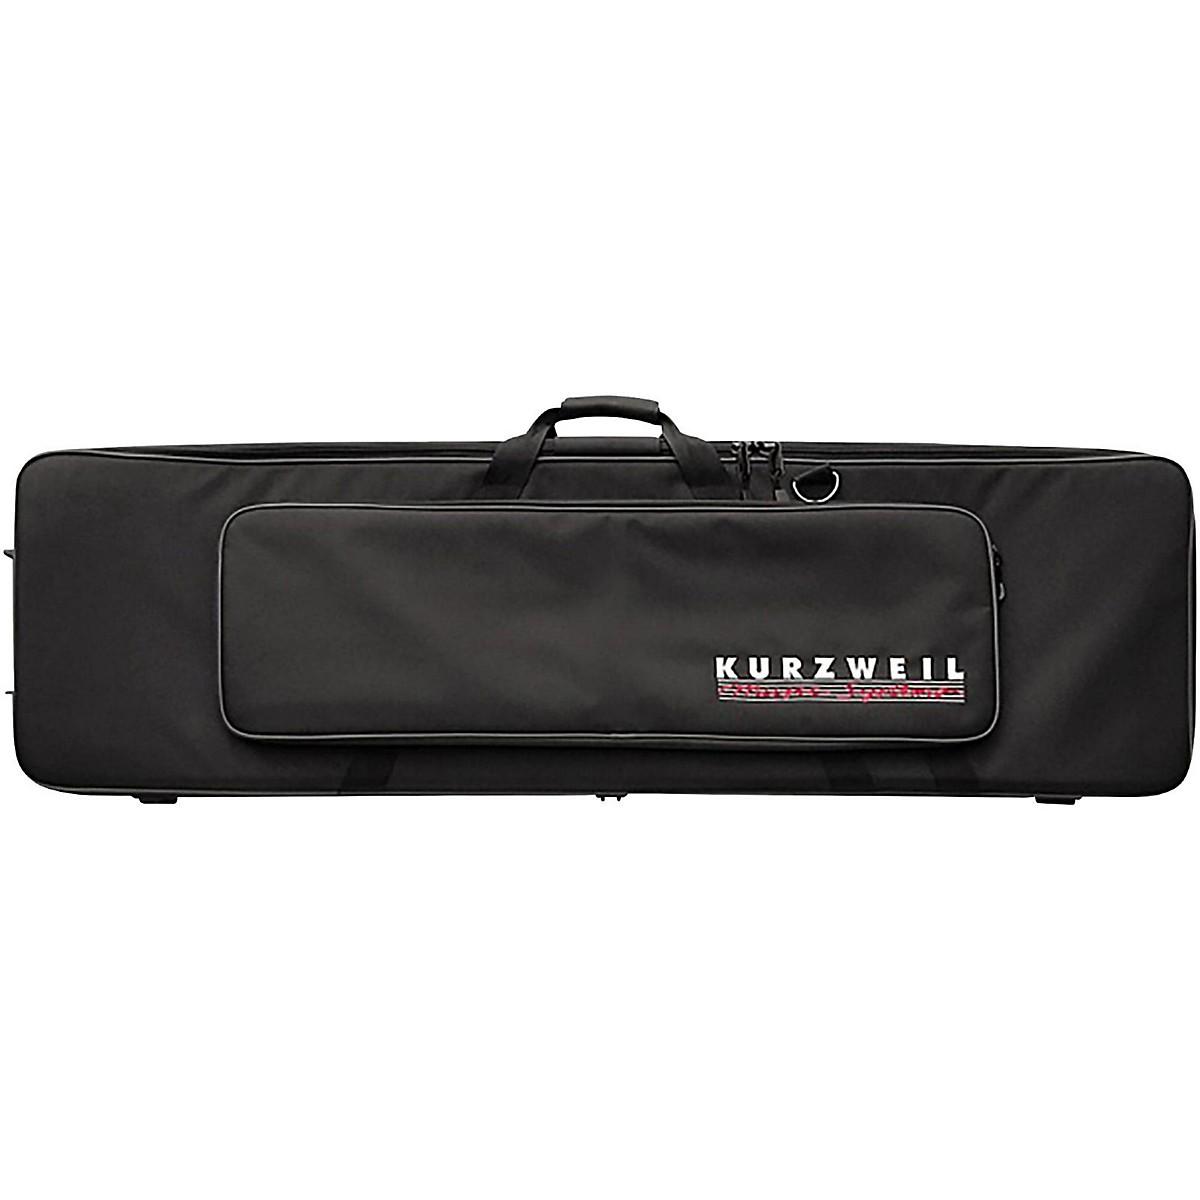 Kurzweil KB88 Gig Bag - 88 Key